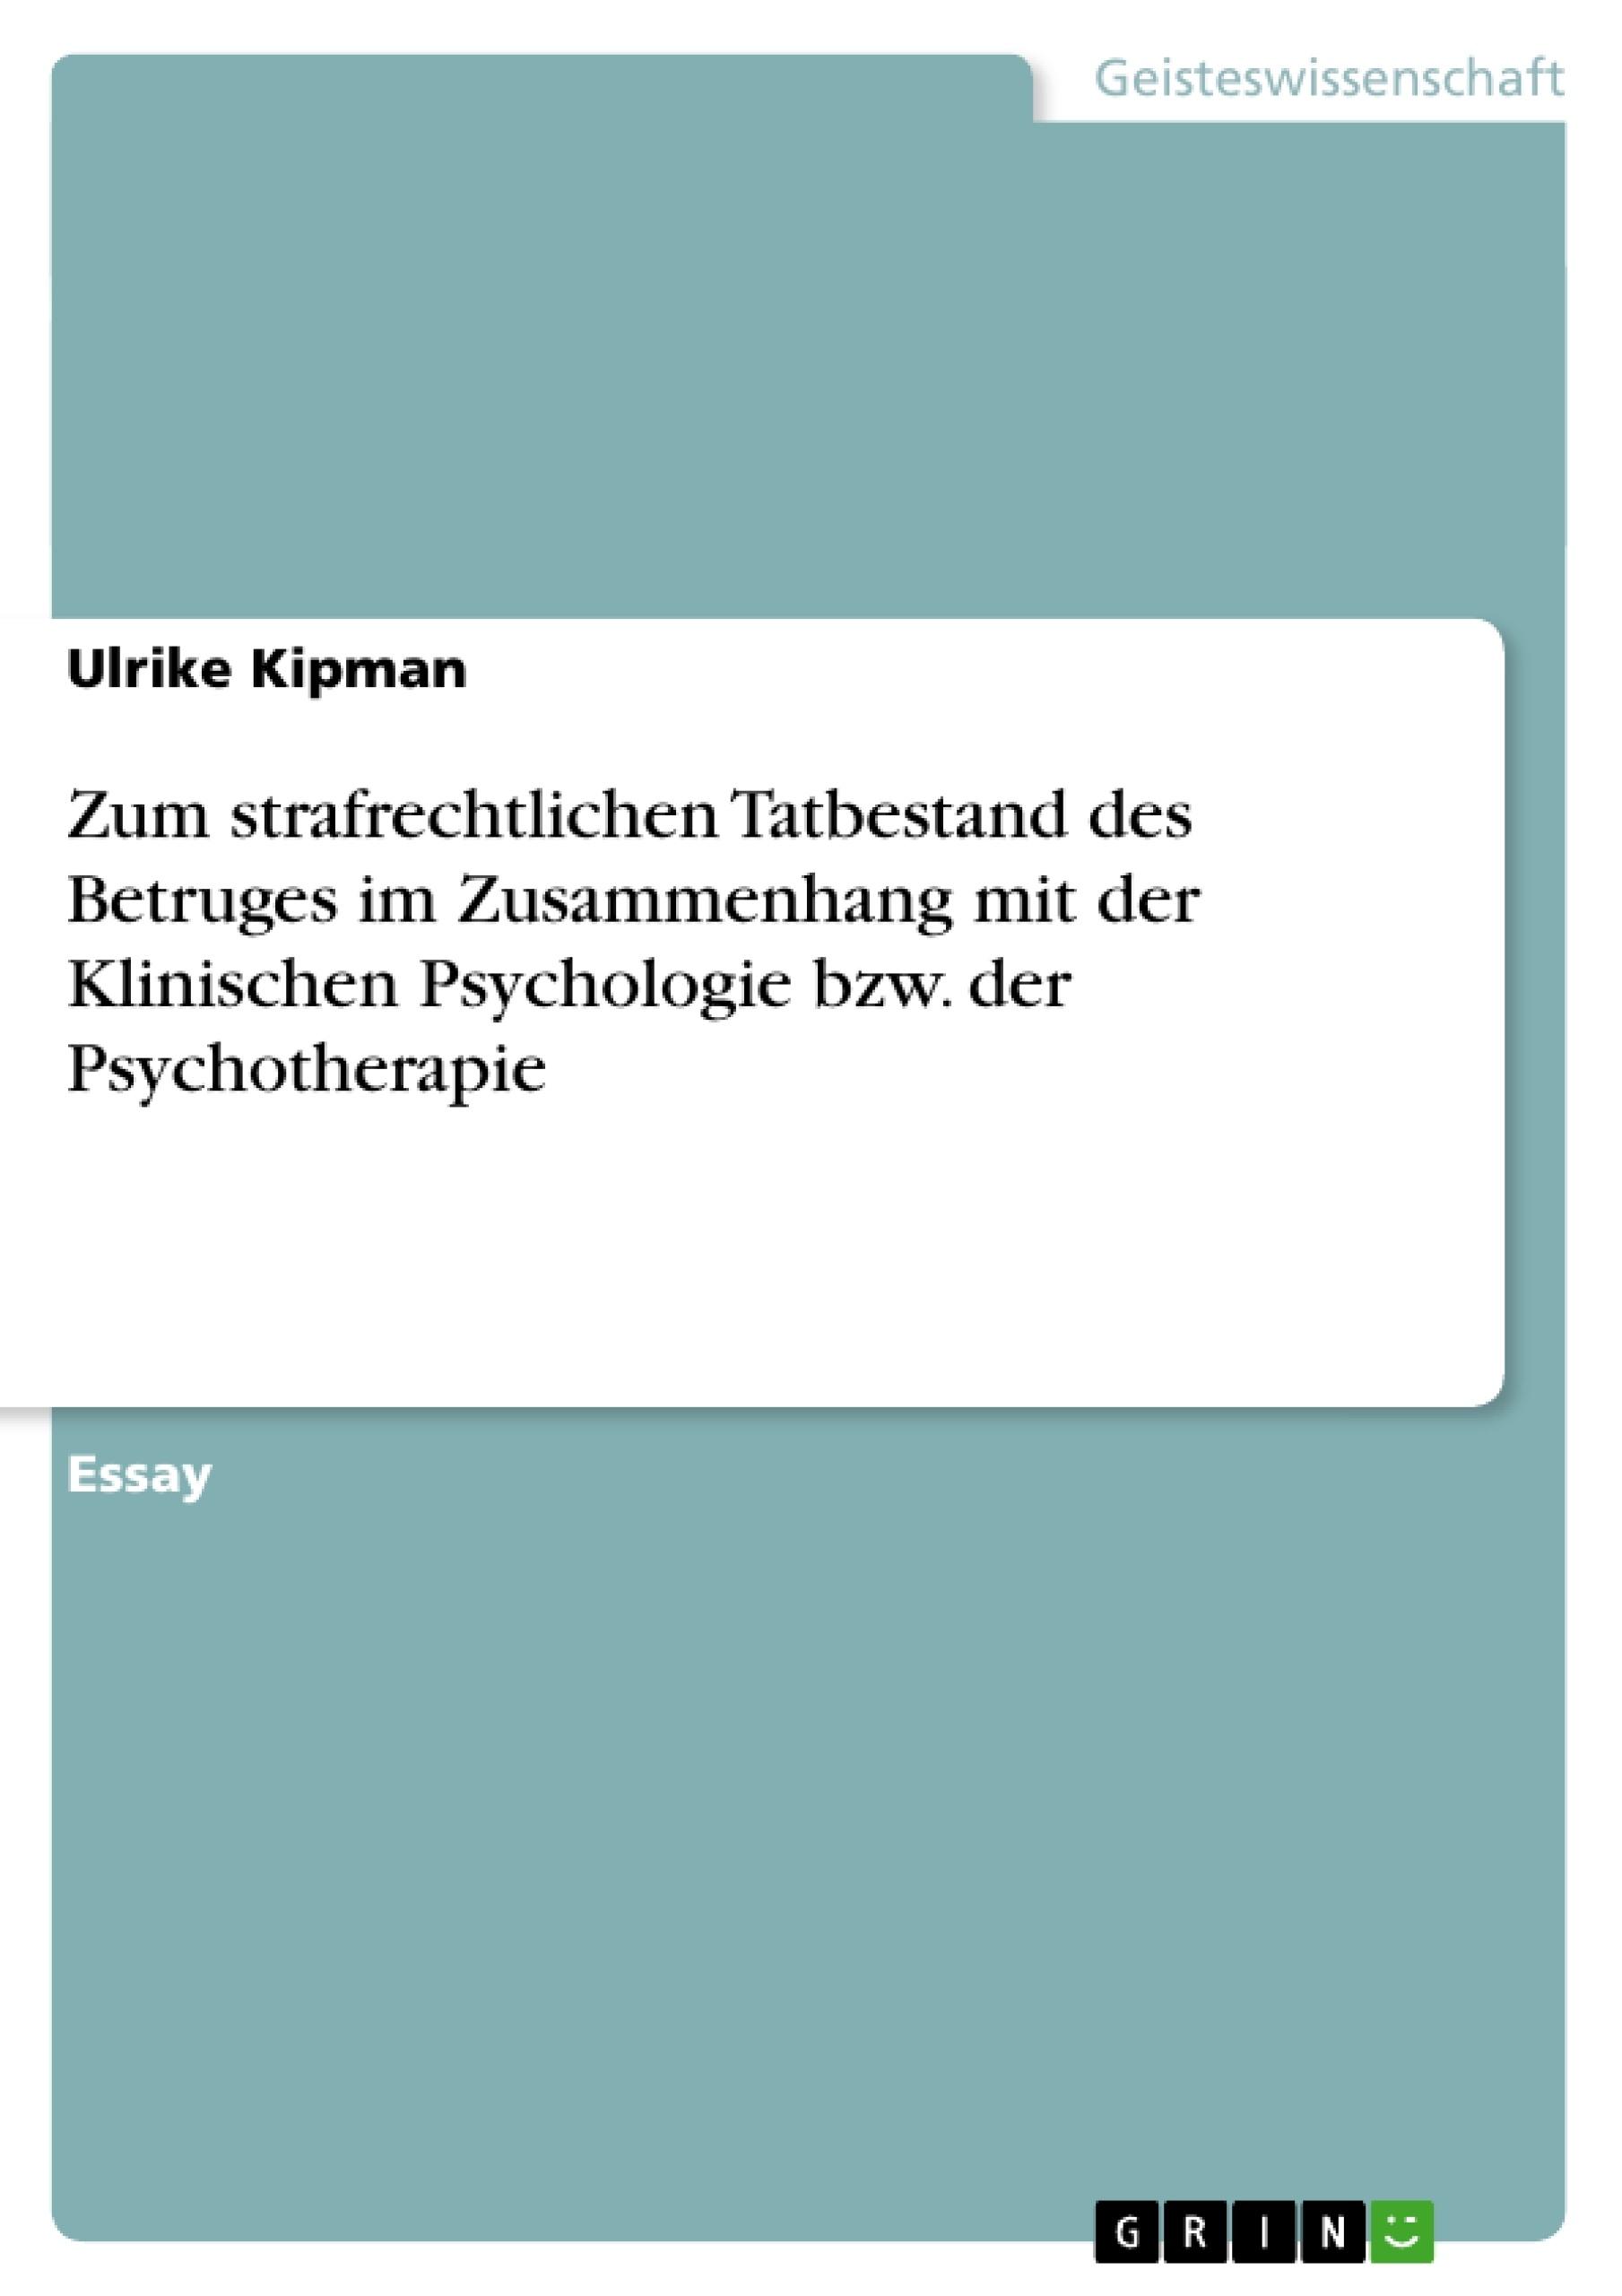 Titel: Zum strafrechtlichen Tatbestand des Betruges im Zusammenhang mit der Klinischen Psychologie bzw. der Psychotherapie